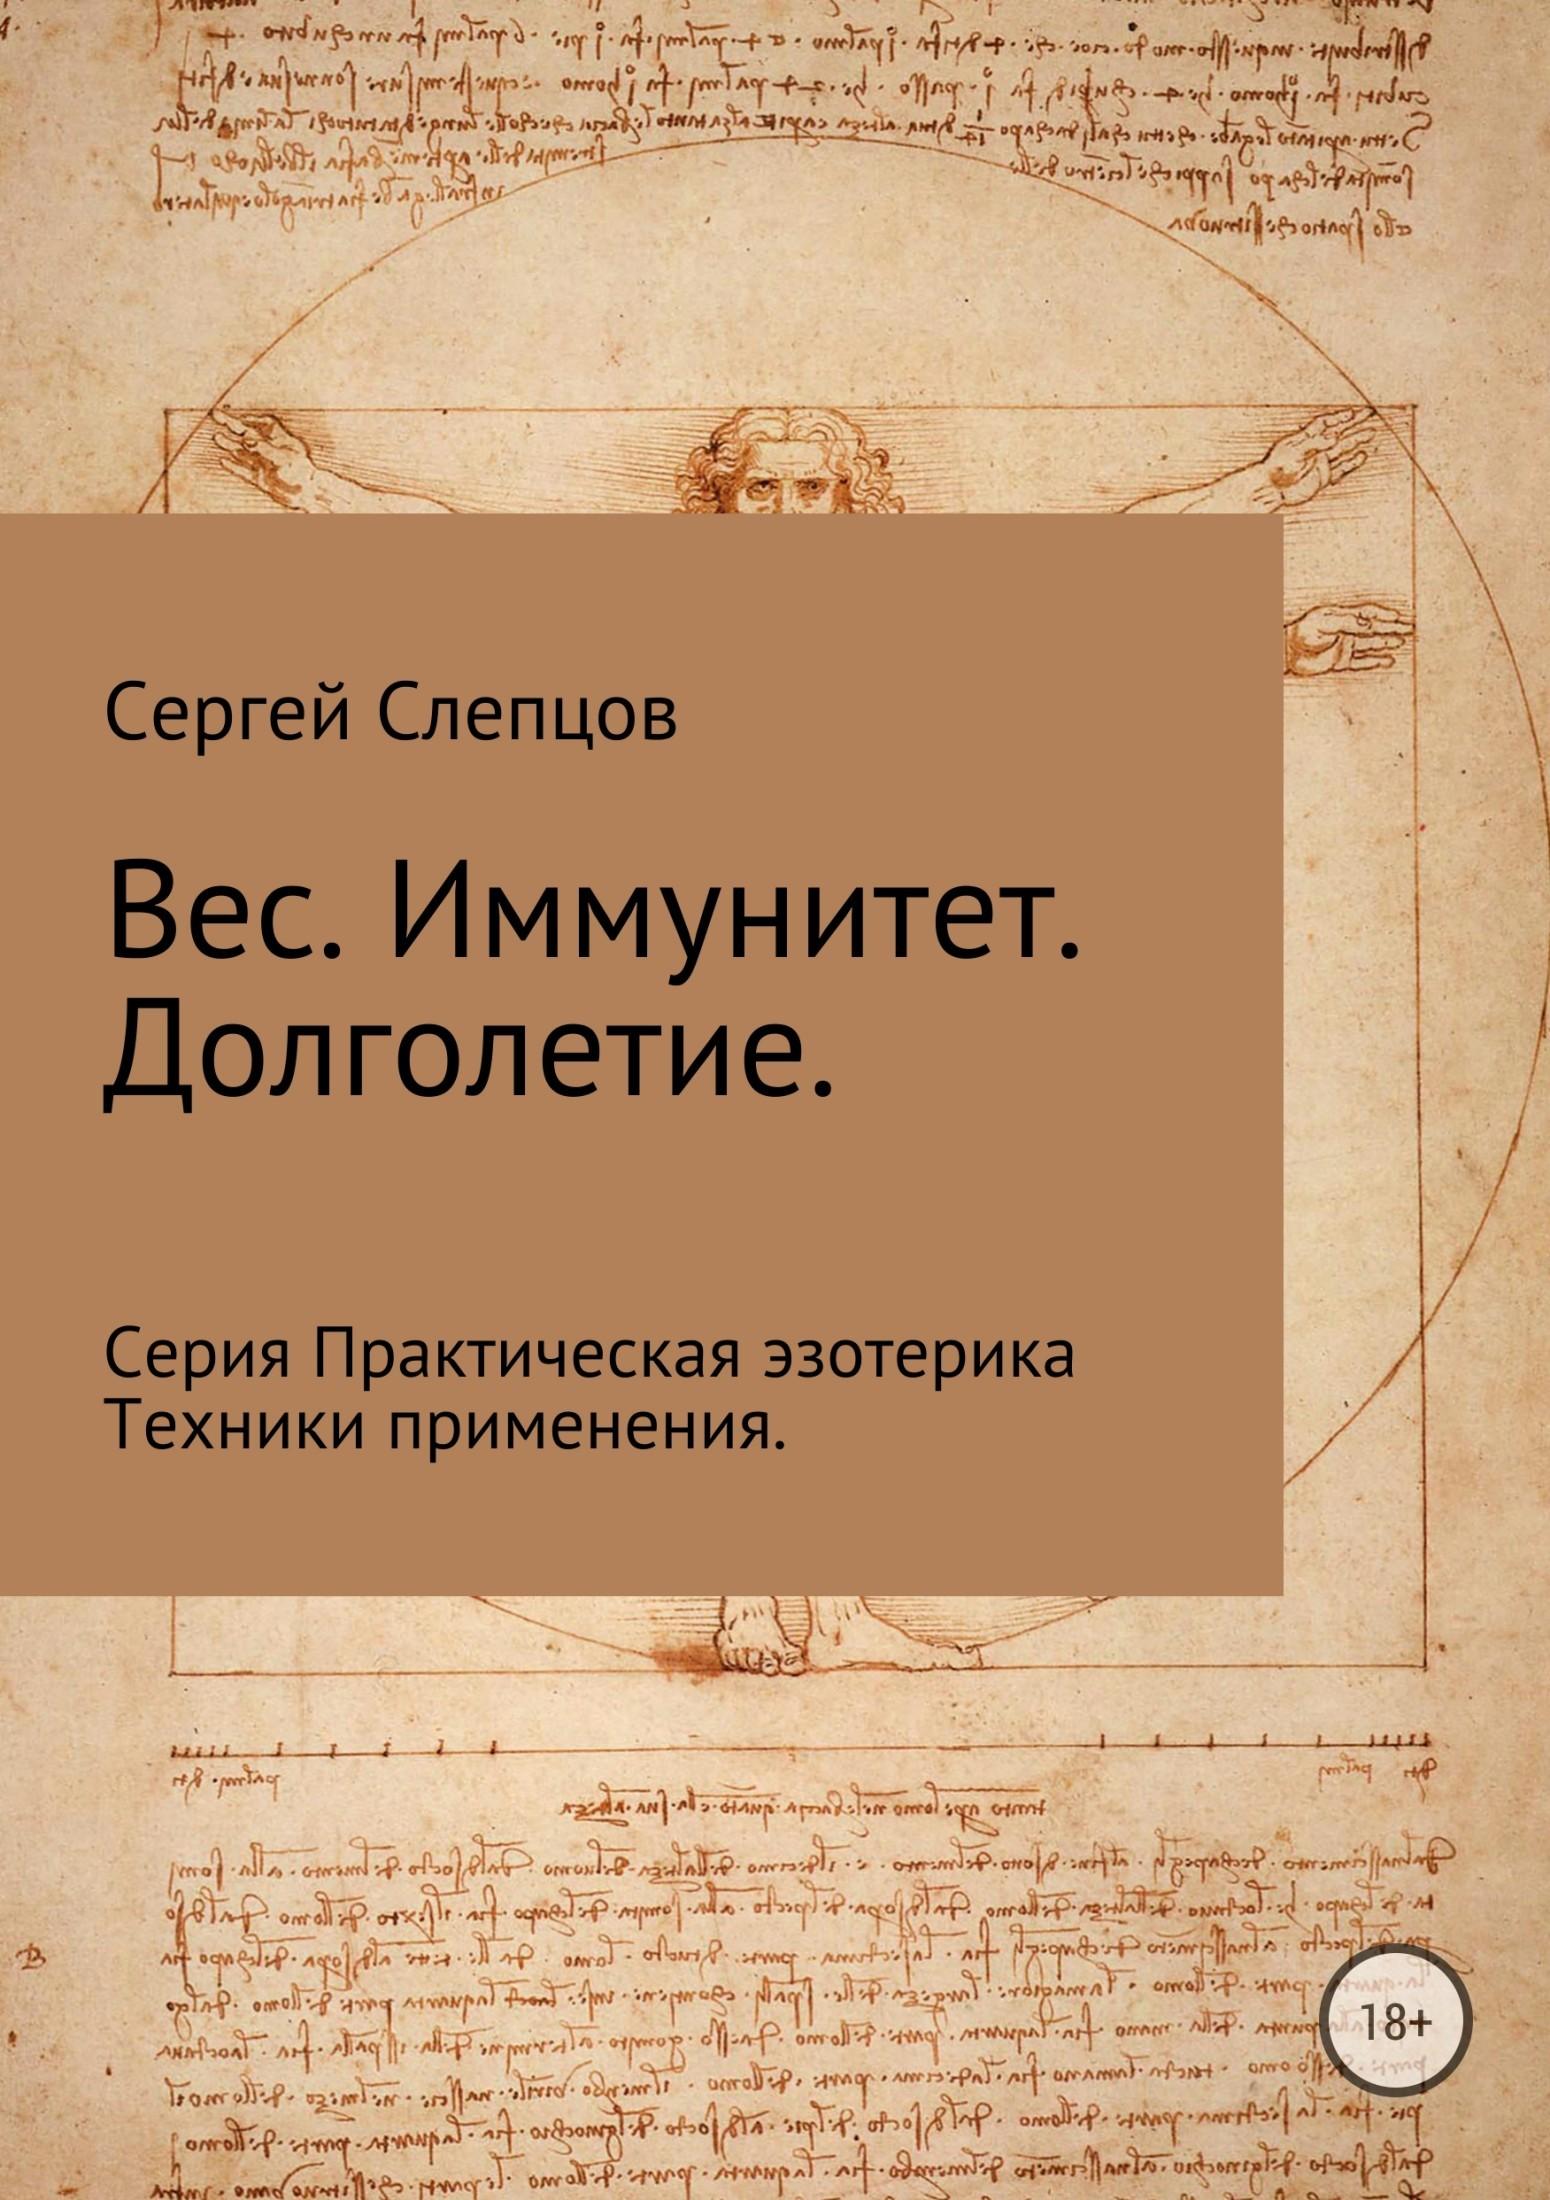 Сергей Иванович Слепцов Вес. Иммунитет. Долголетие в а слепцов трудное время